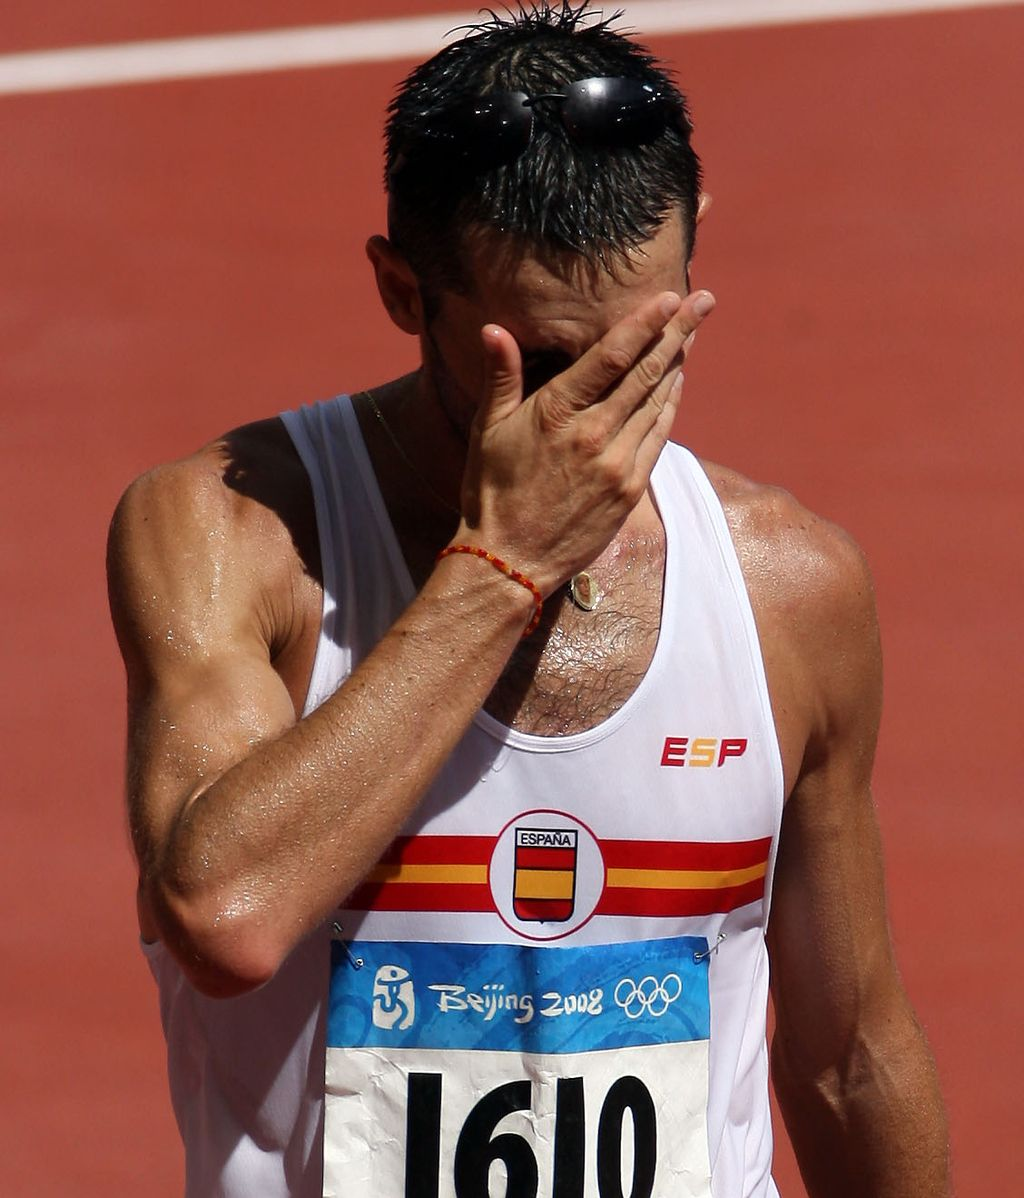 Paquillo Fernández se queda sin medalla en marcha corta